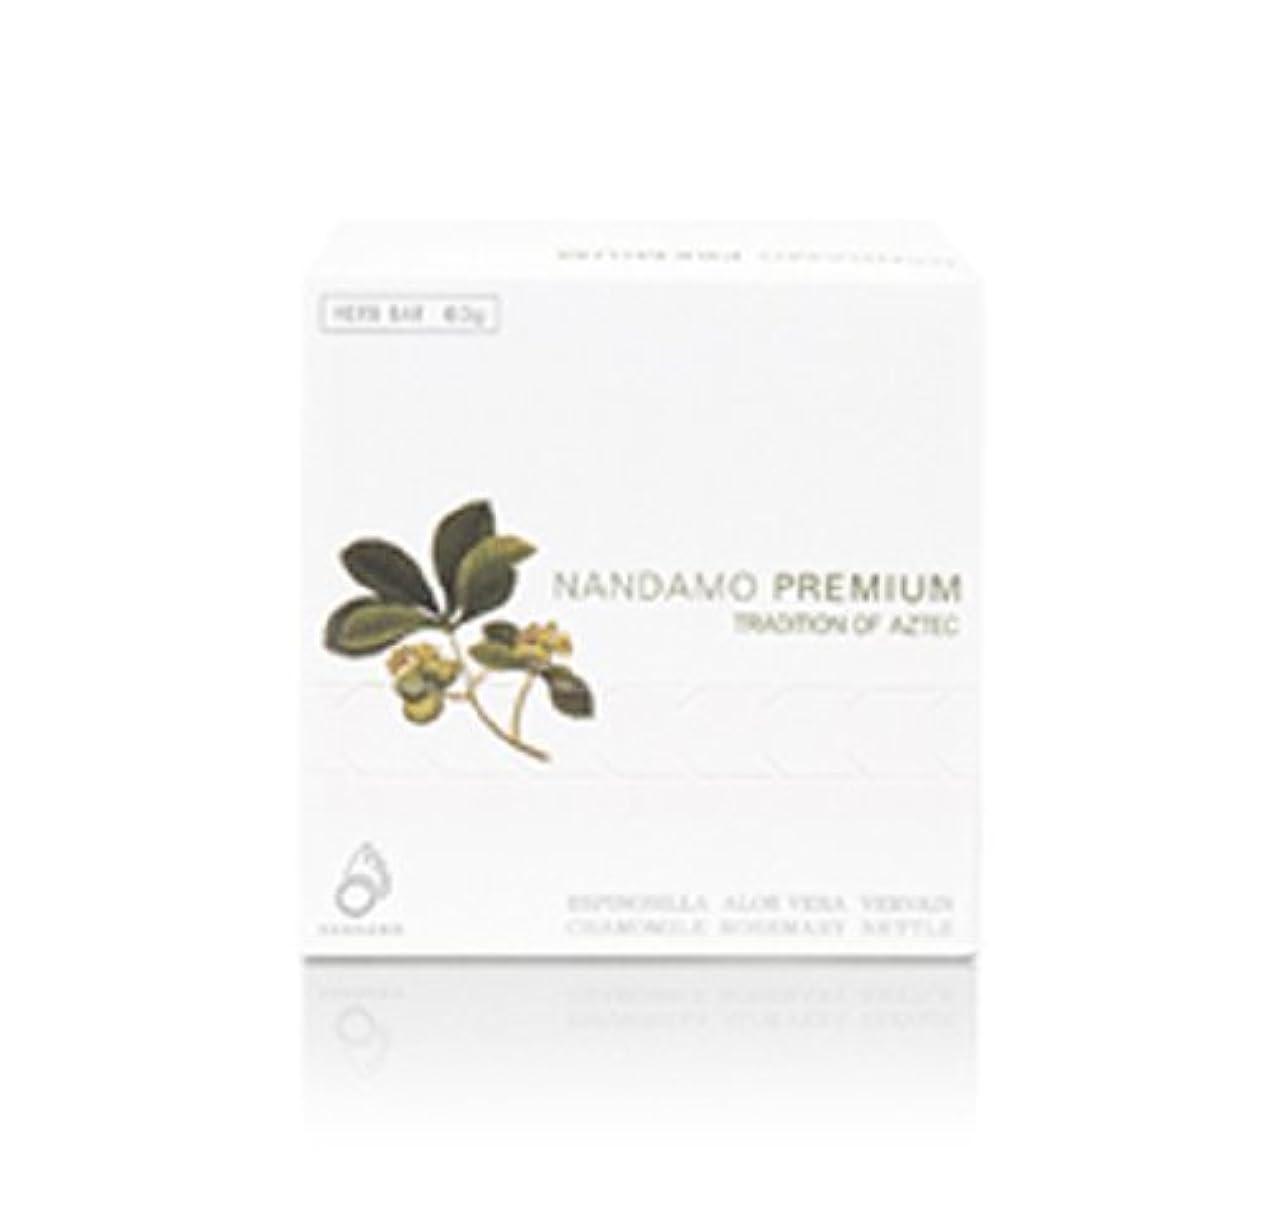 アクセスできない腹痛良心NANDAMO PREMIUM(ナンダモプレミアム)ナンダモプレミアム60g